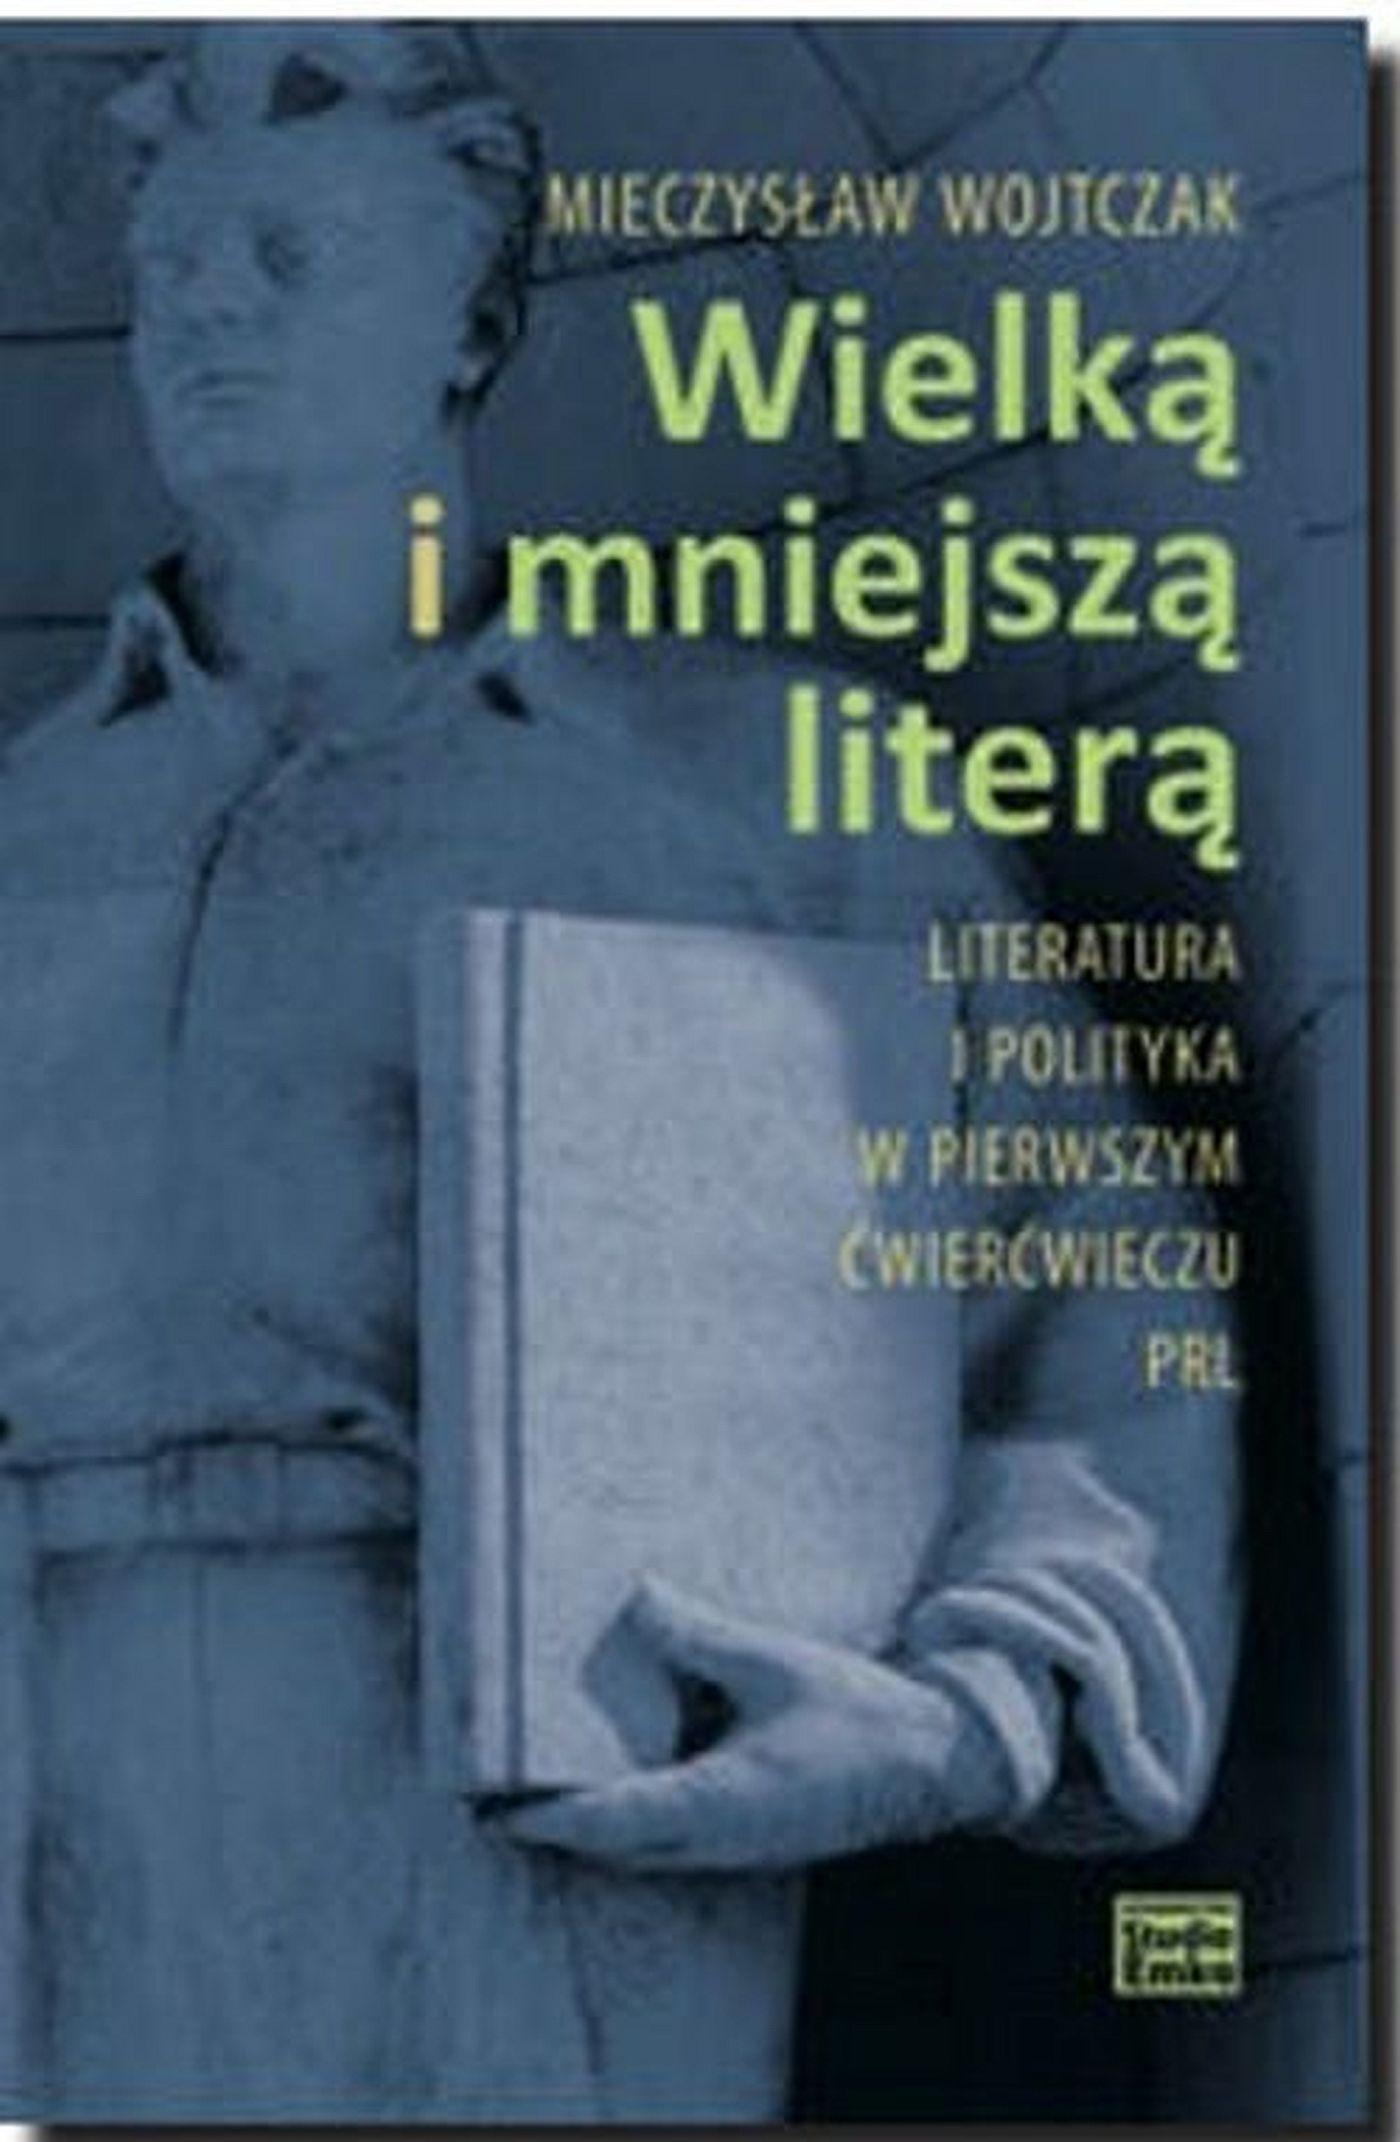 Wielką i mniejszą literą. Literatura i polityka w pierwszym ćwierćwieczu PRL - Ebook (Książka EPUB) do pobrania w formacie EPUB